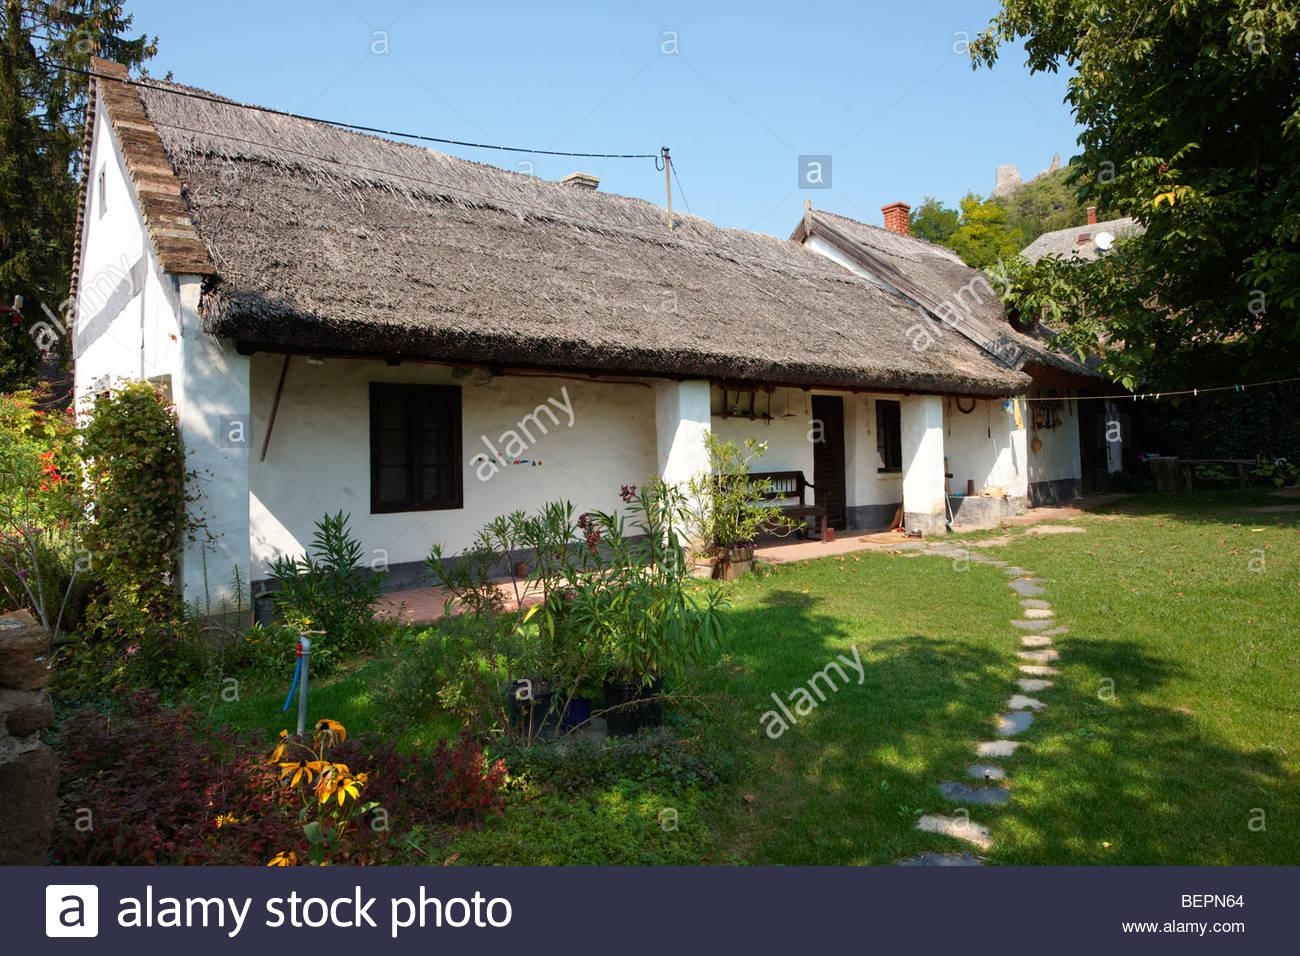 Maison de ferme traditionnel en chaume à Sigliget - Balaton, Hongrie Photo Stock